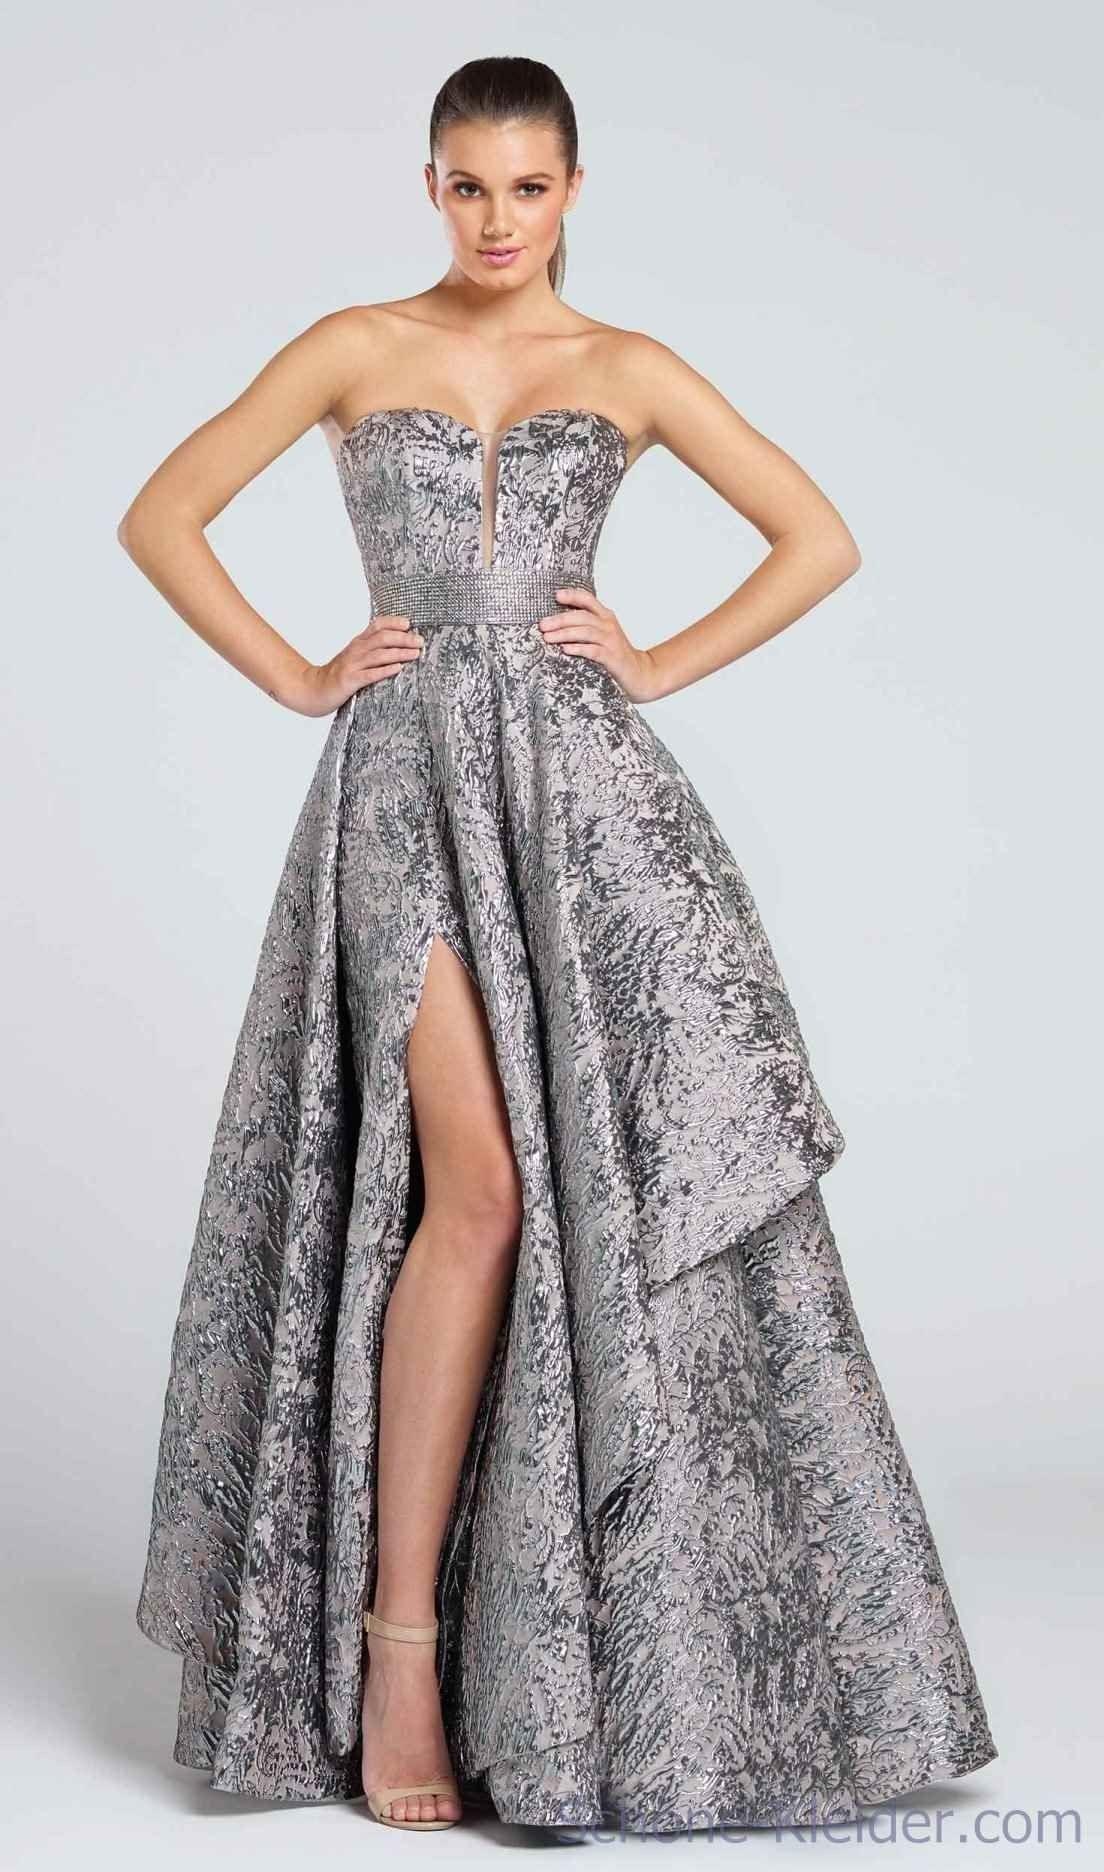 20 Luxurius Wunderschöne Abendkleider Lang Stylish - Abendkleid